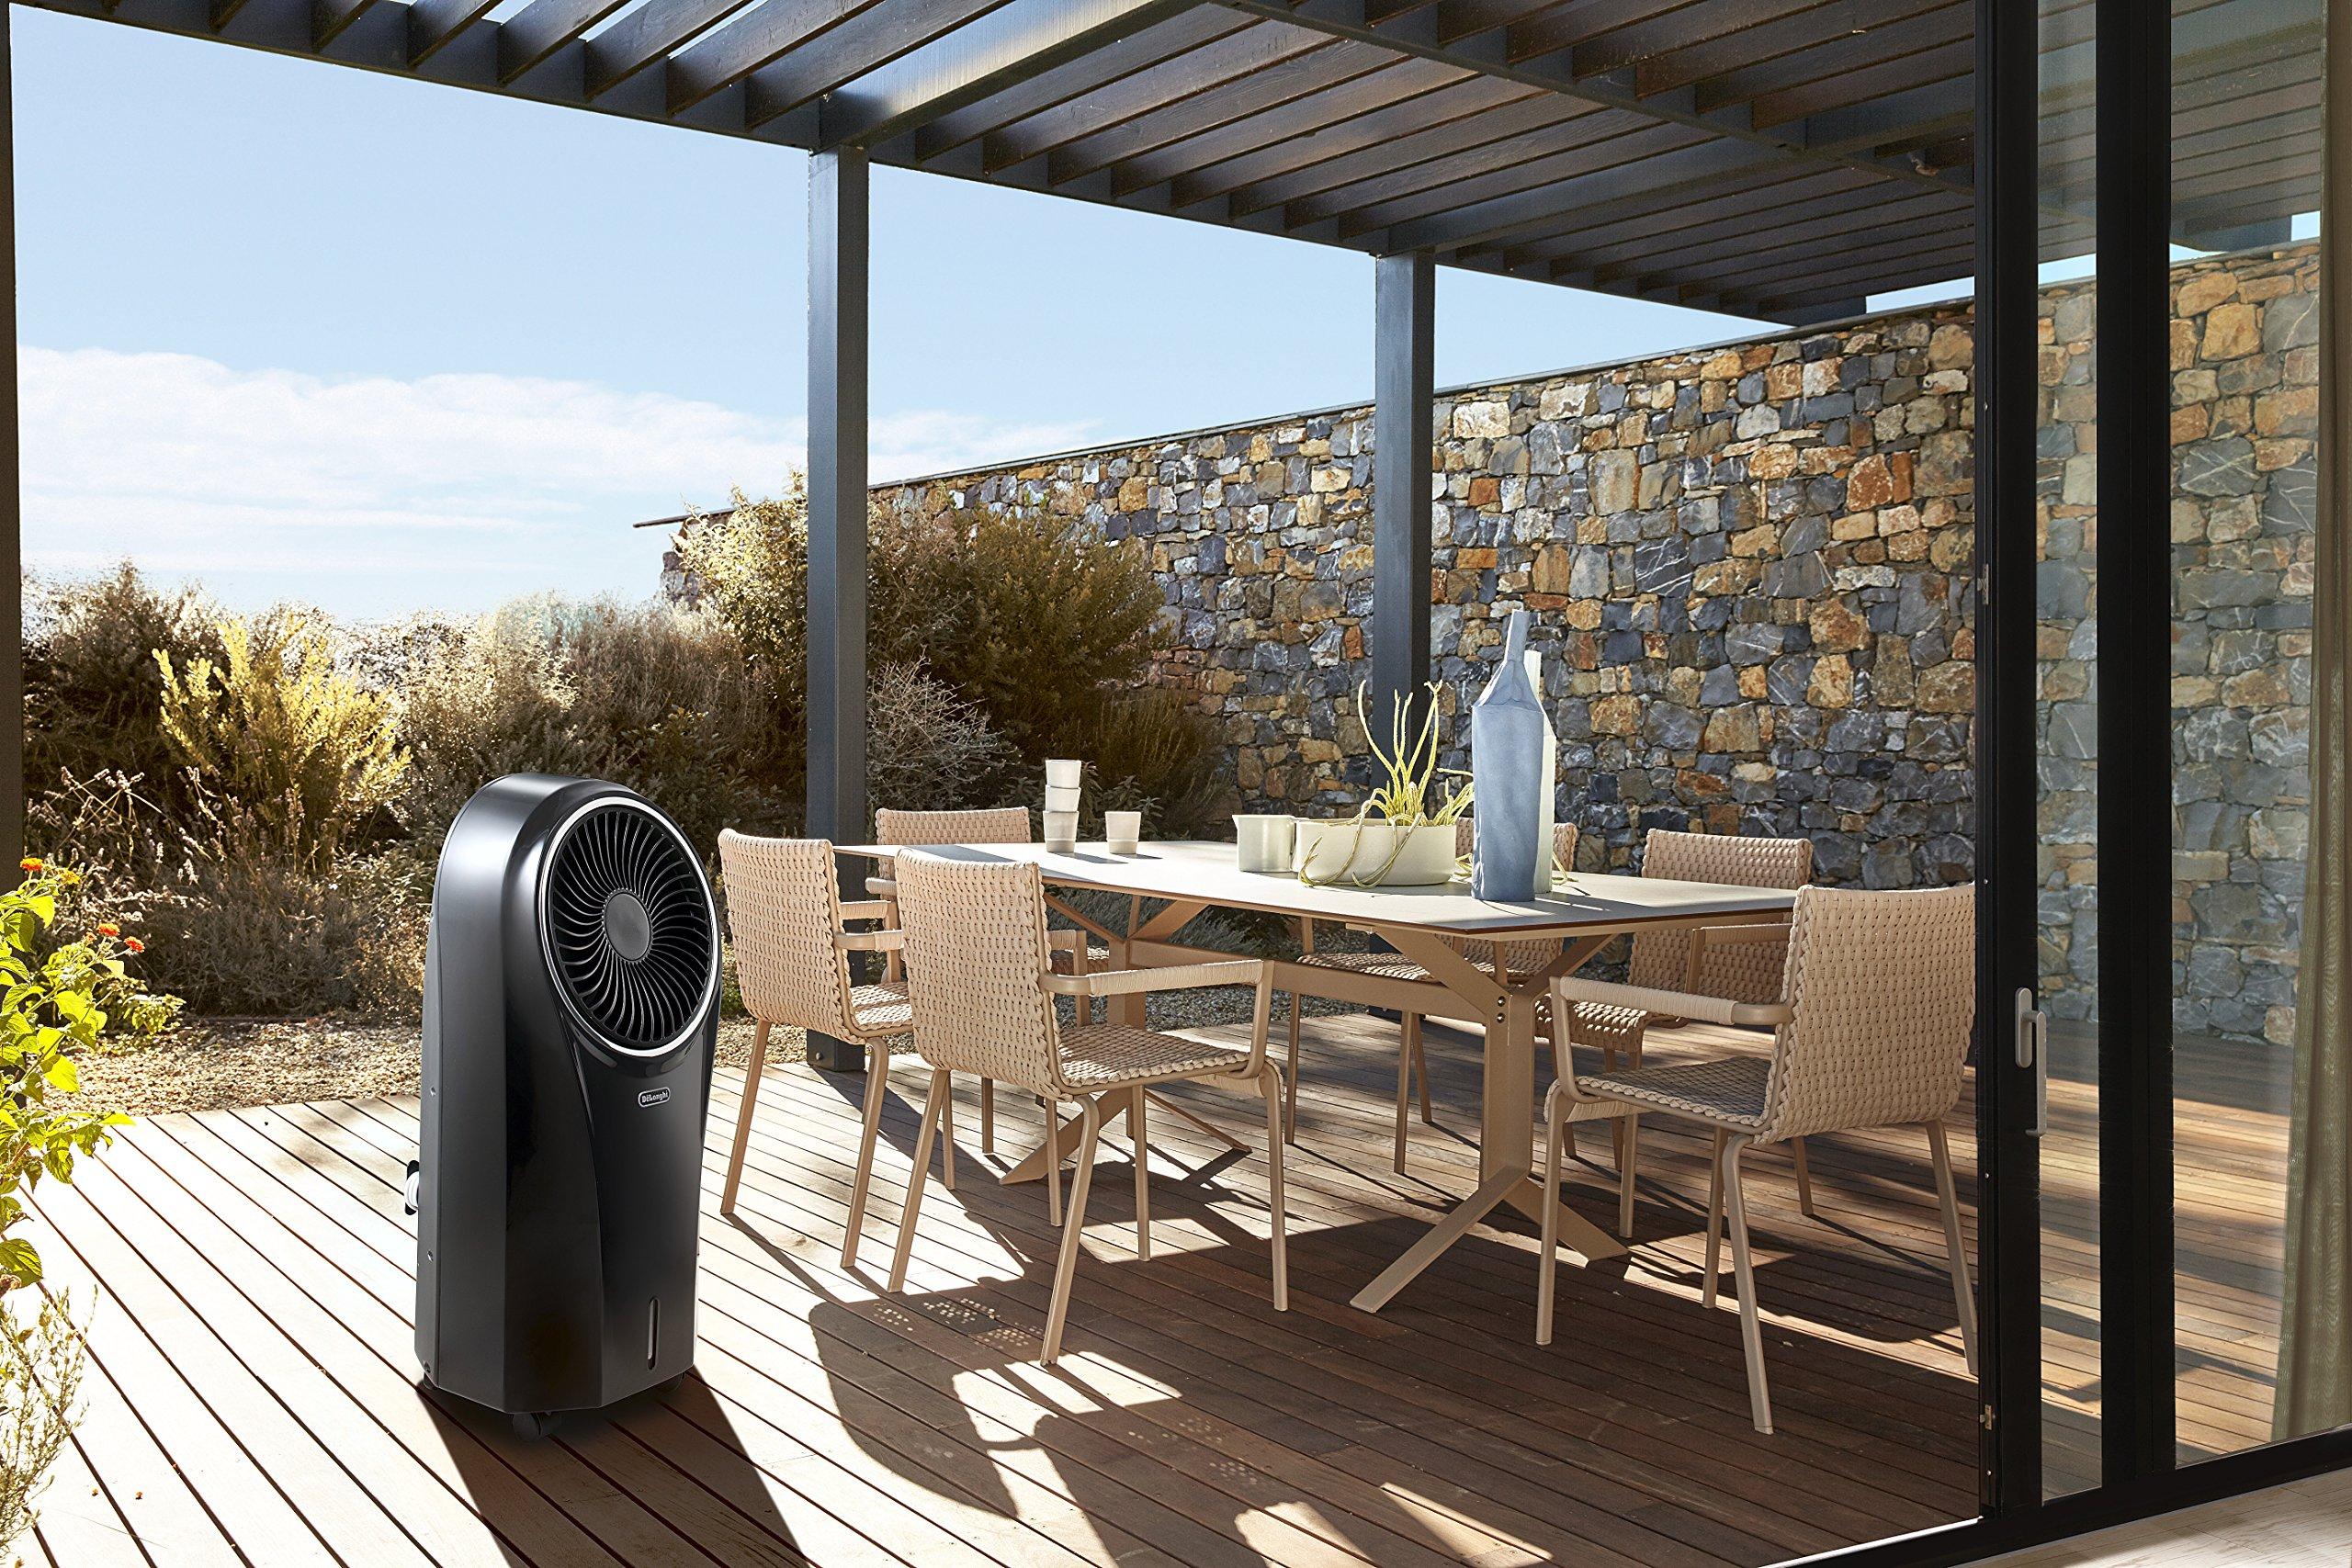 DeLonghi EV250.BK Climatizador Evaporativo con Ionizador y Filtro Antipolvo, Depósito de 4.5 L con 6 h de Autonomía, Protección ipx4, Pantalla LED, Mando a Distancia, Refrigeración Natural, Negro: 160.43: Amazon.es: Hogar